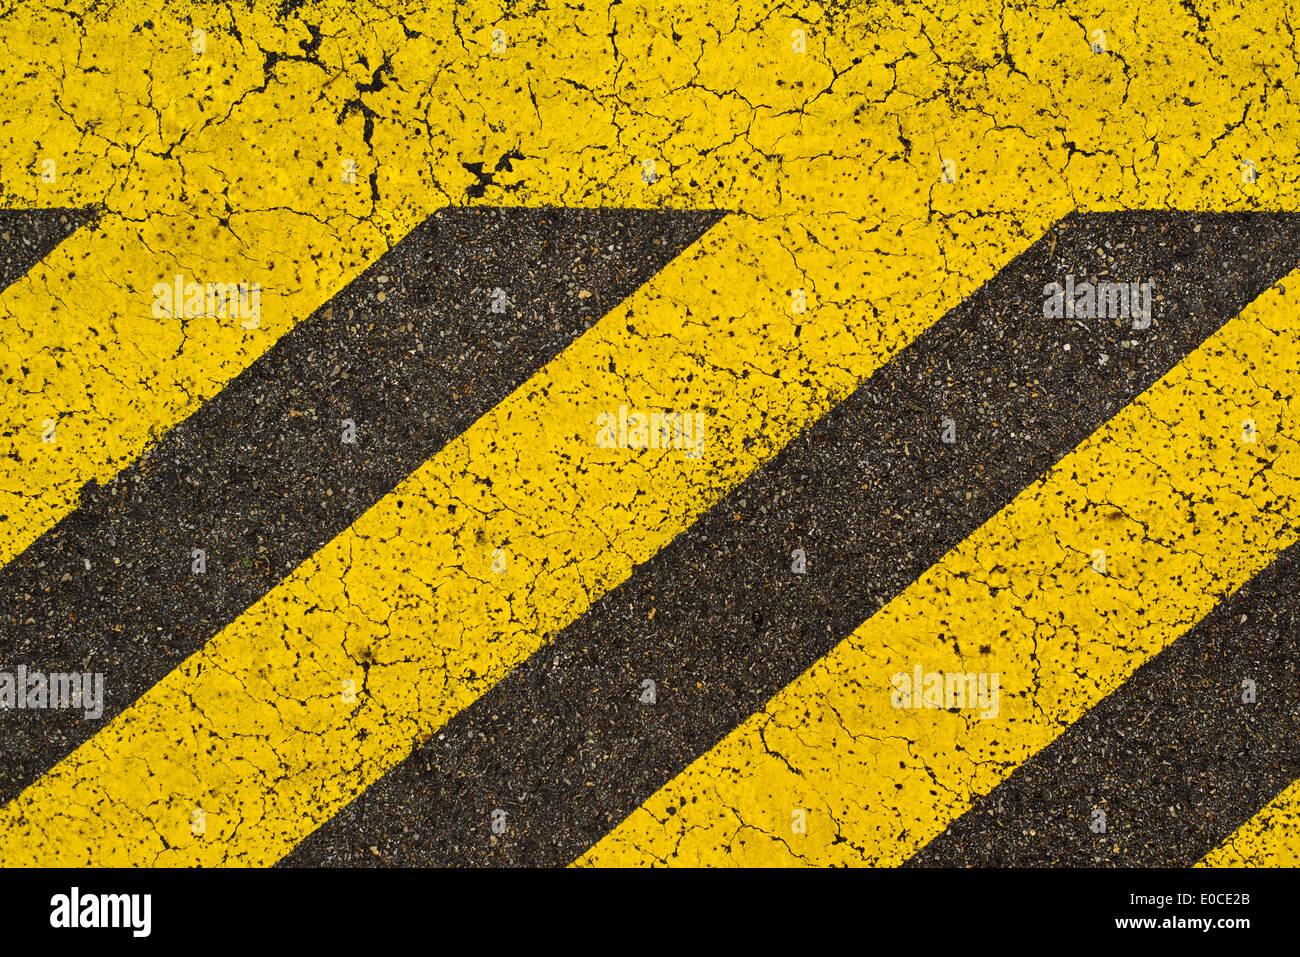 Rayé jaune marquage routier sur la route d'asphalte noir. Il est interdit de stationner sur l'espace couvert de cette stripes. Photo Stock